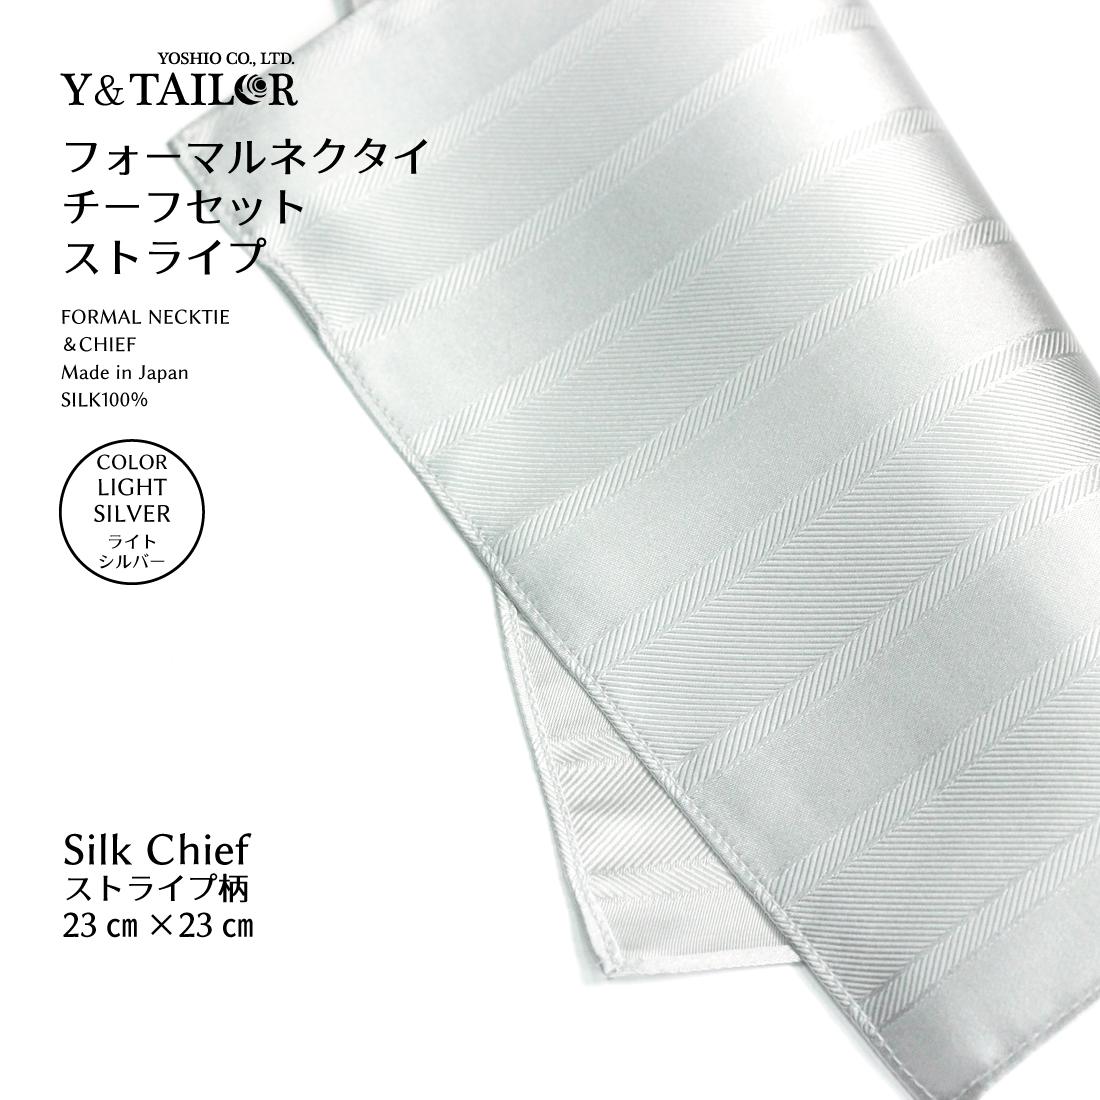 フォーマルネクタイ ストライプ チーフ セット シルバー ホワイト 2colors